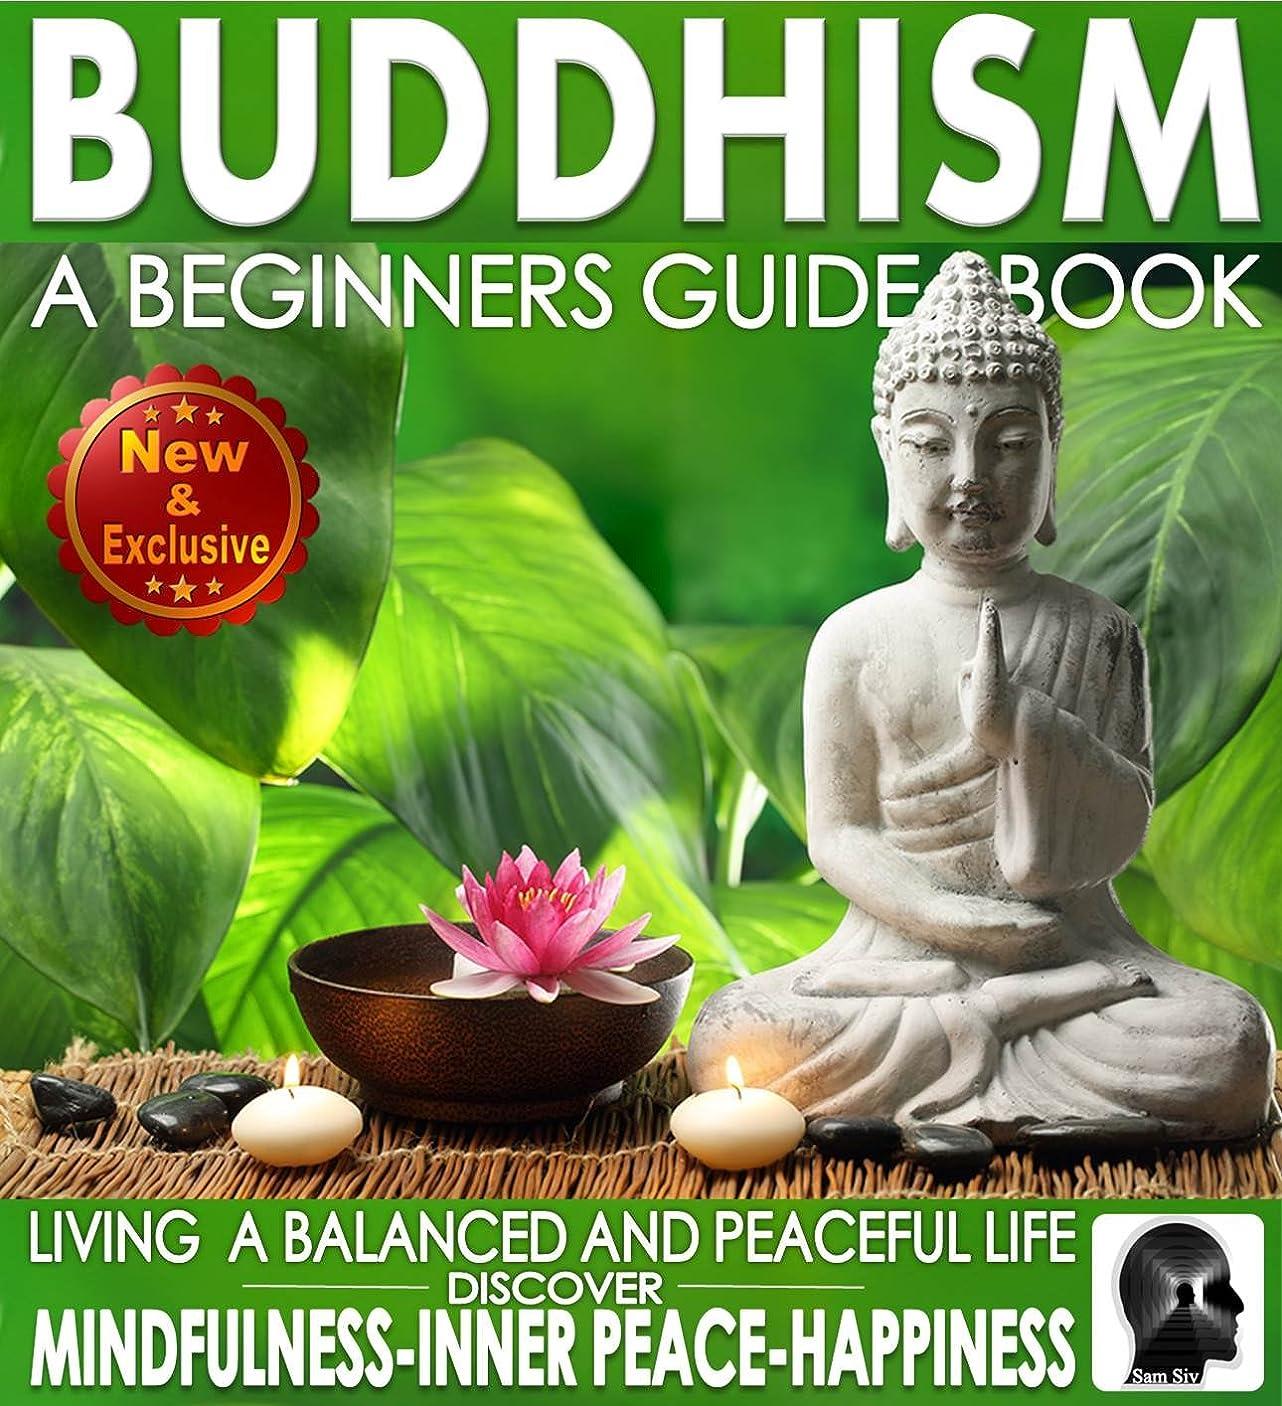 粘液十分にバリケードBuddhism: A Beginners Guide Book For True Self Discovery and Living a Balanced and Peaceful Life: Learn To Live In The Now and Find Peace From Within - ... Books By Sam Siv 1) (English Edition)